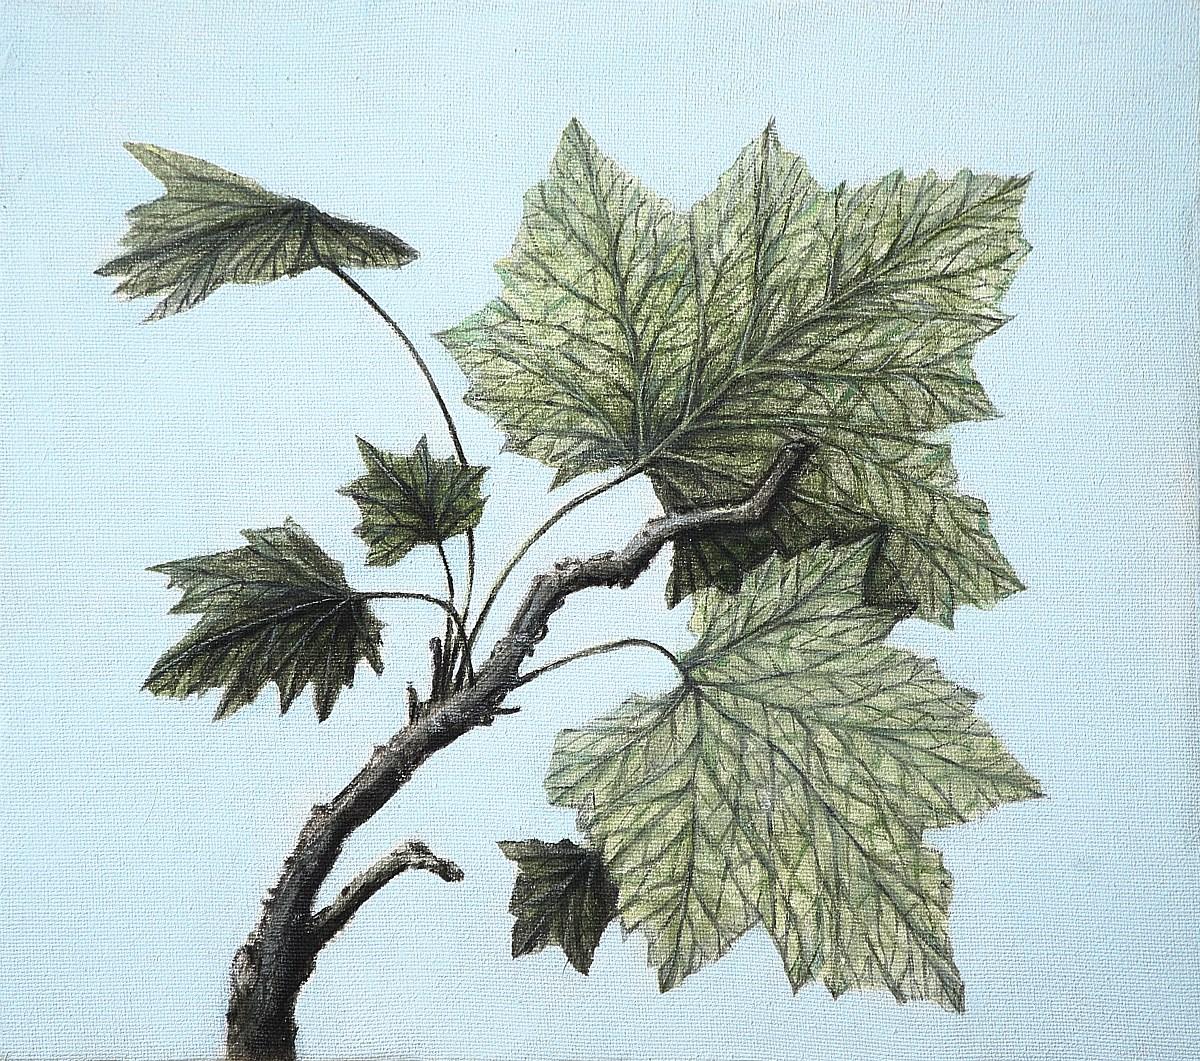 Vegetationszonen III, Michaela Kern